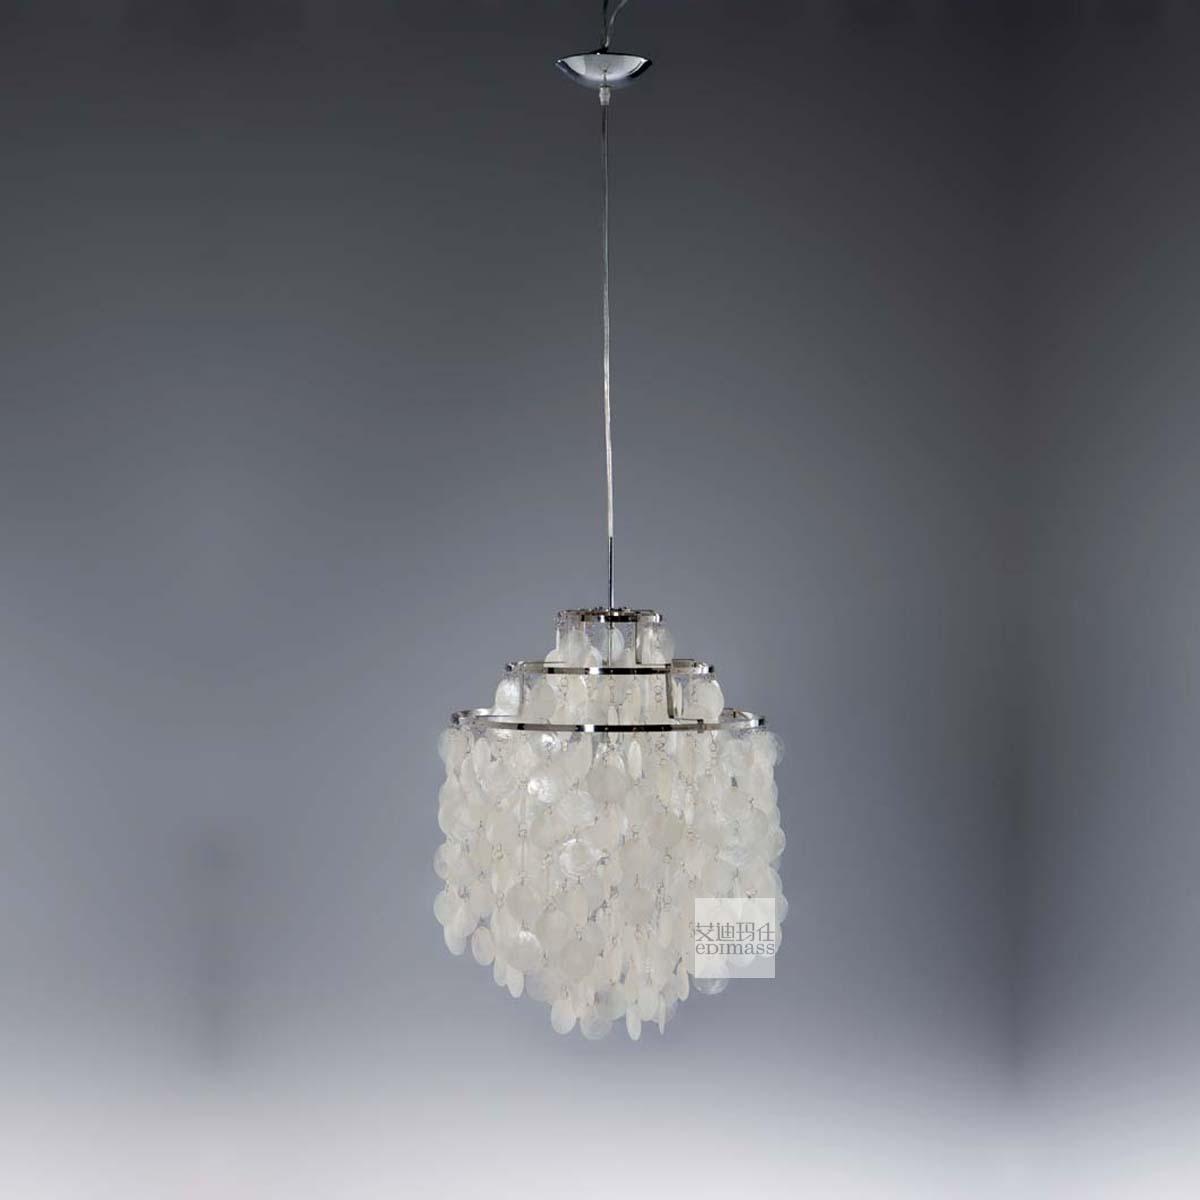 艾迪玛仕品牌家具 现代经典简约时尚客厅创意吊灯CS606